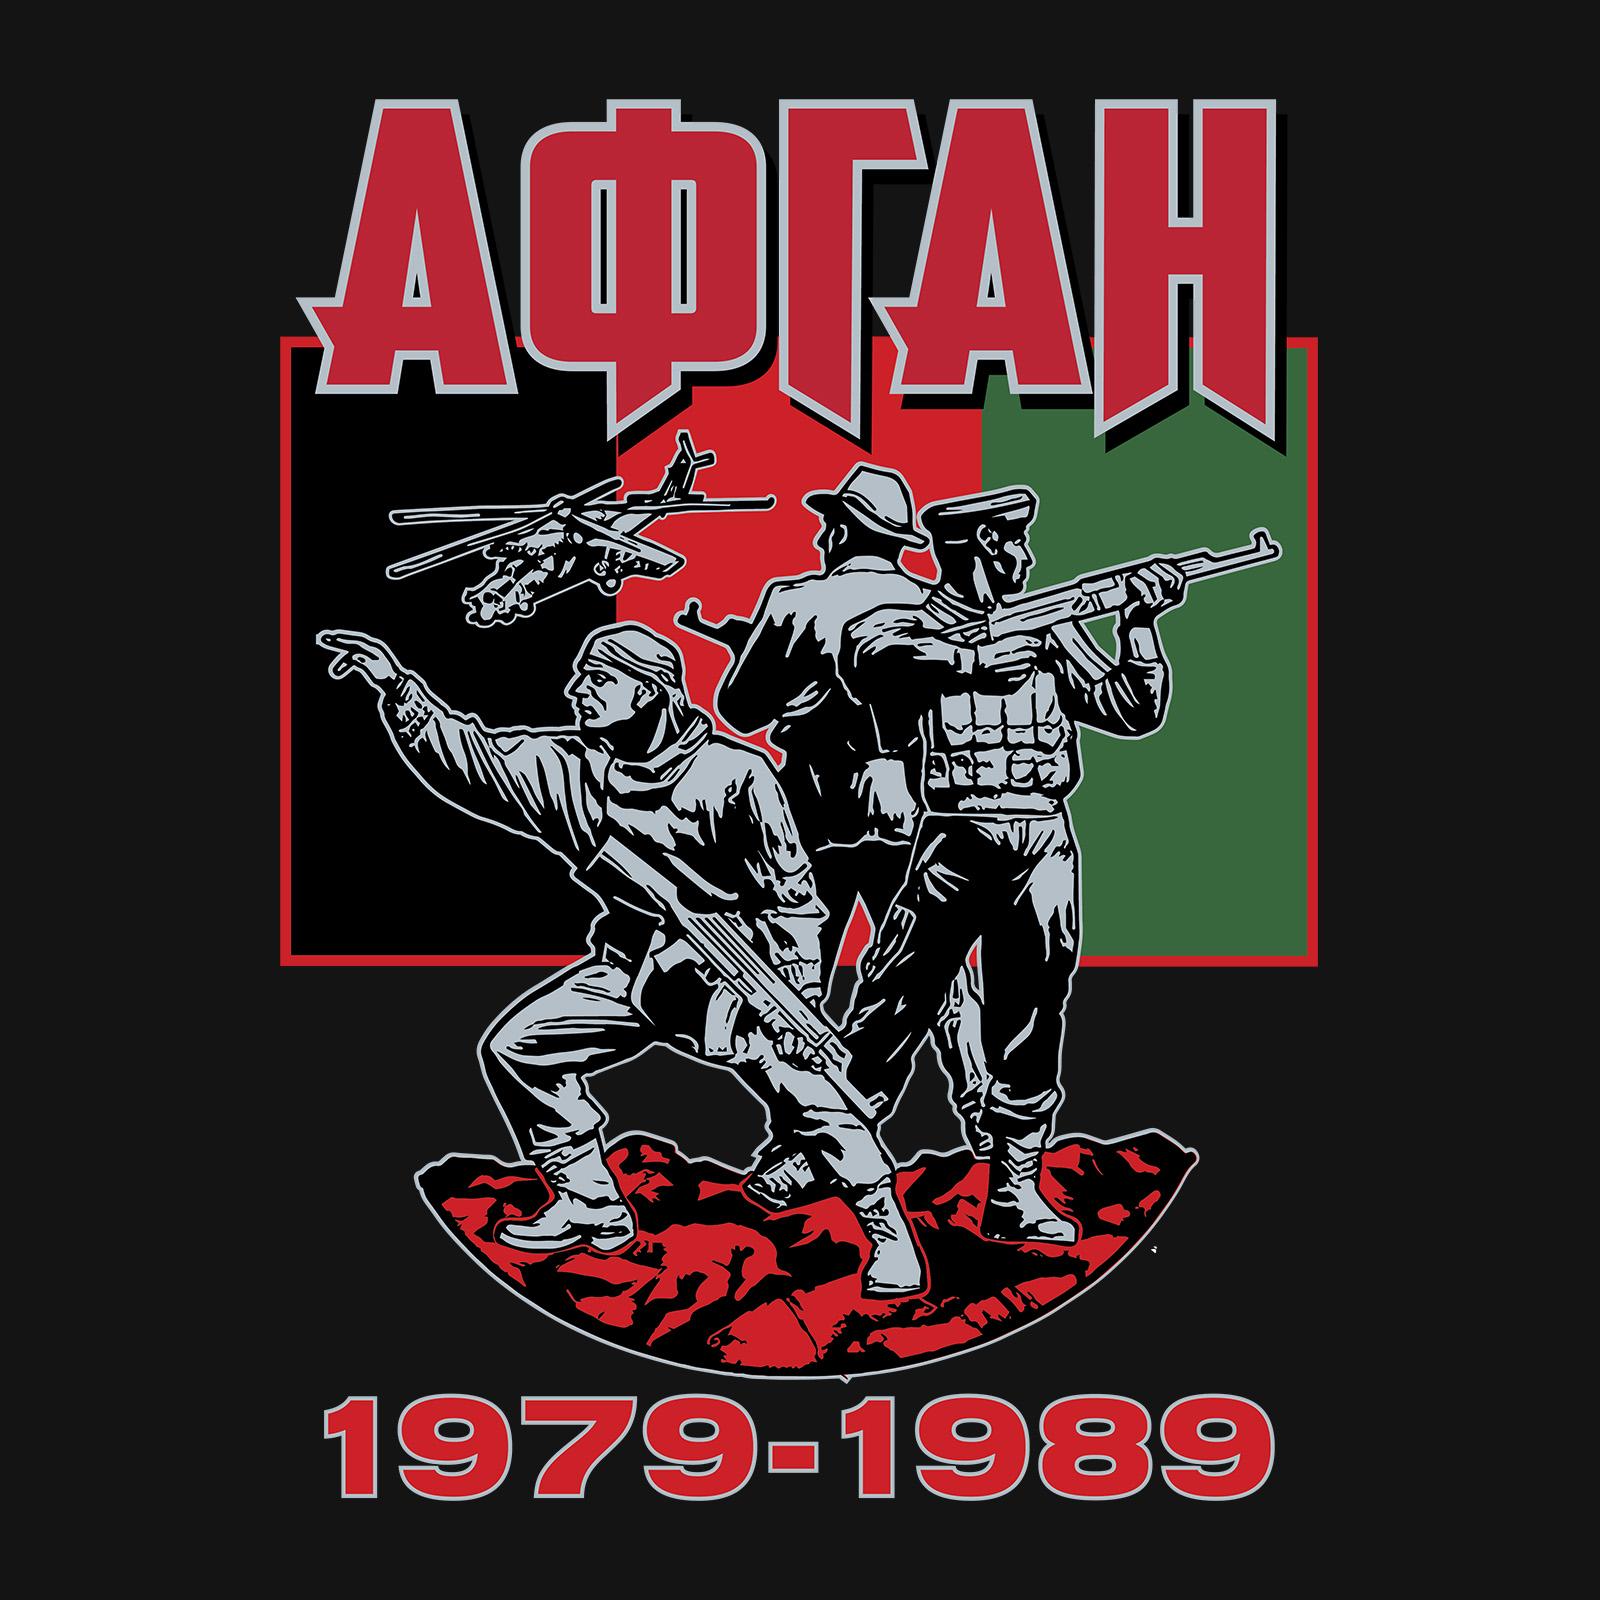 Мужская футболка ветерану Афгана - авторский принт